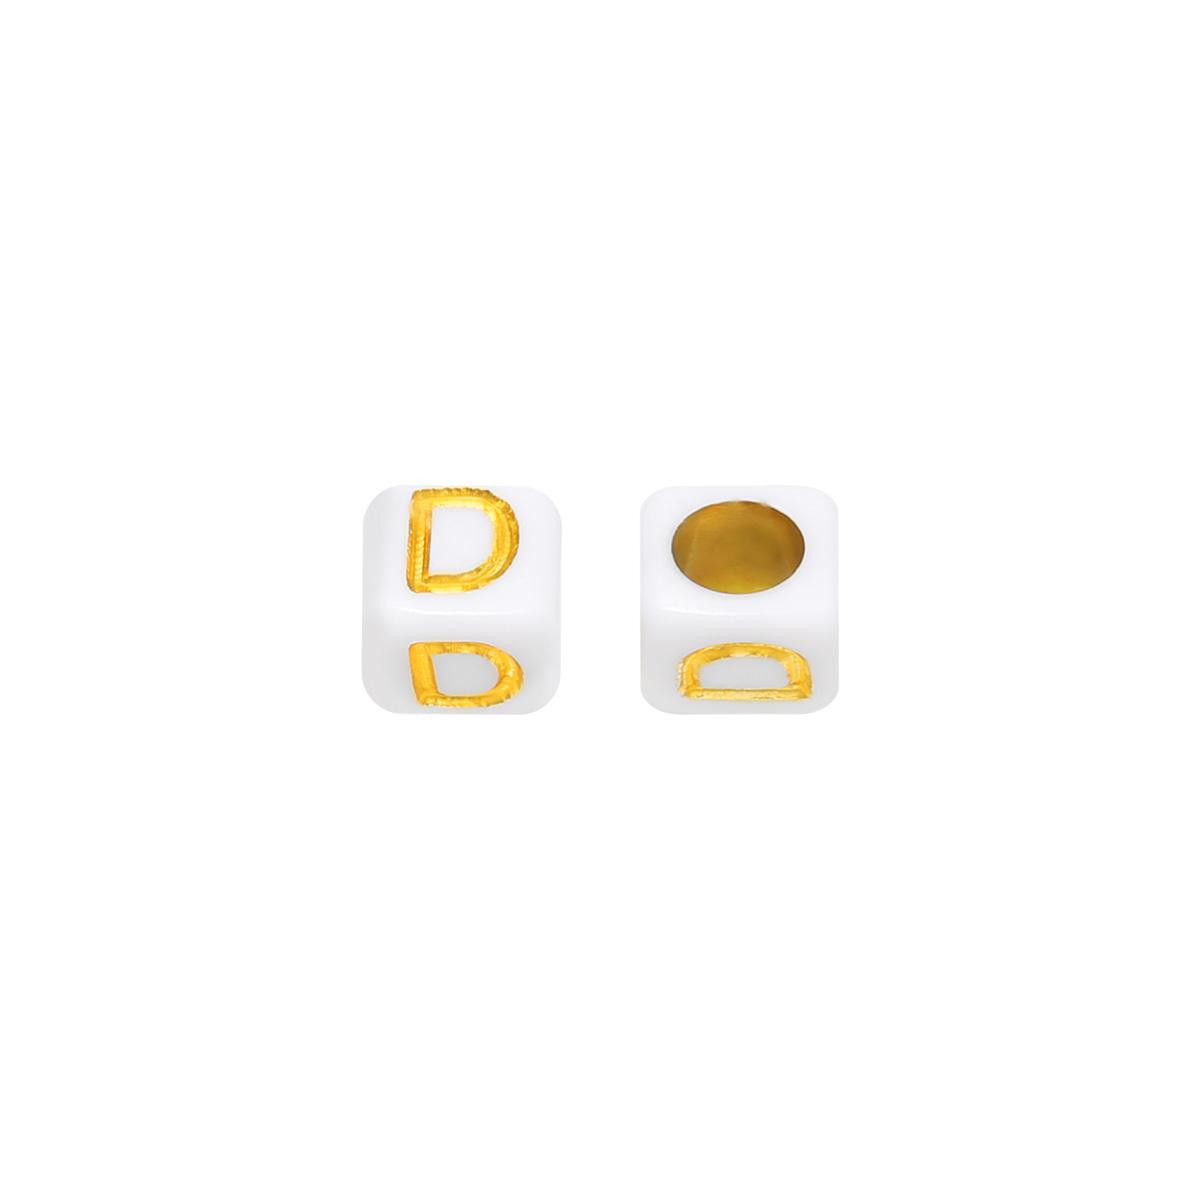 Cuentas DIY Letter D - 6MM